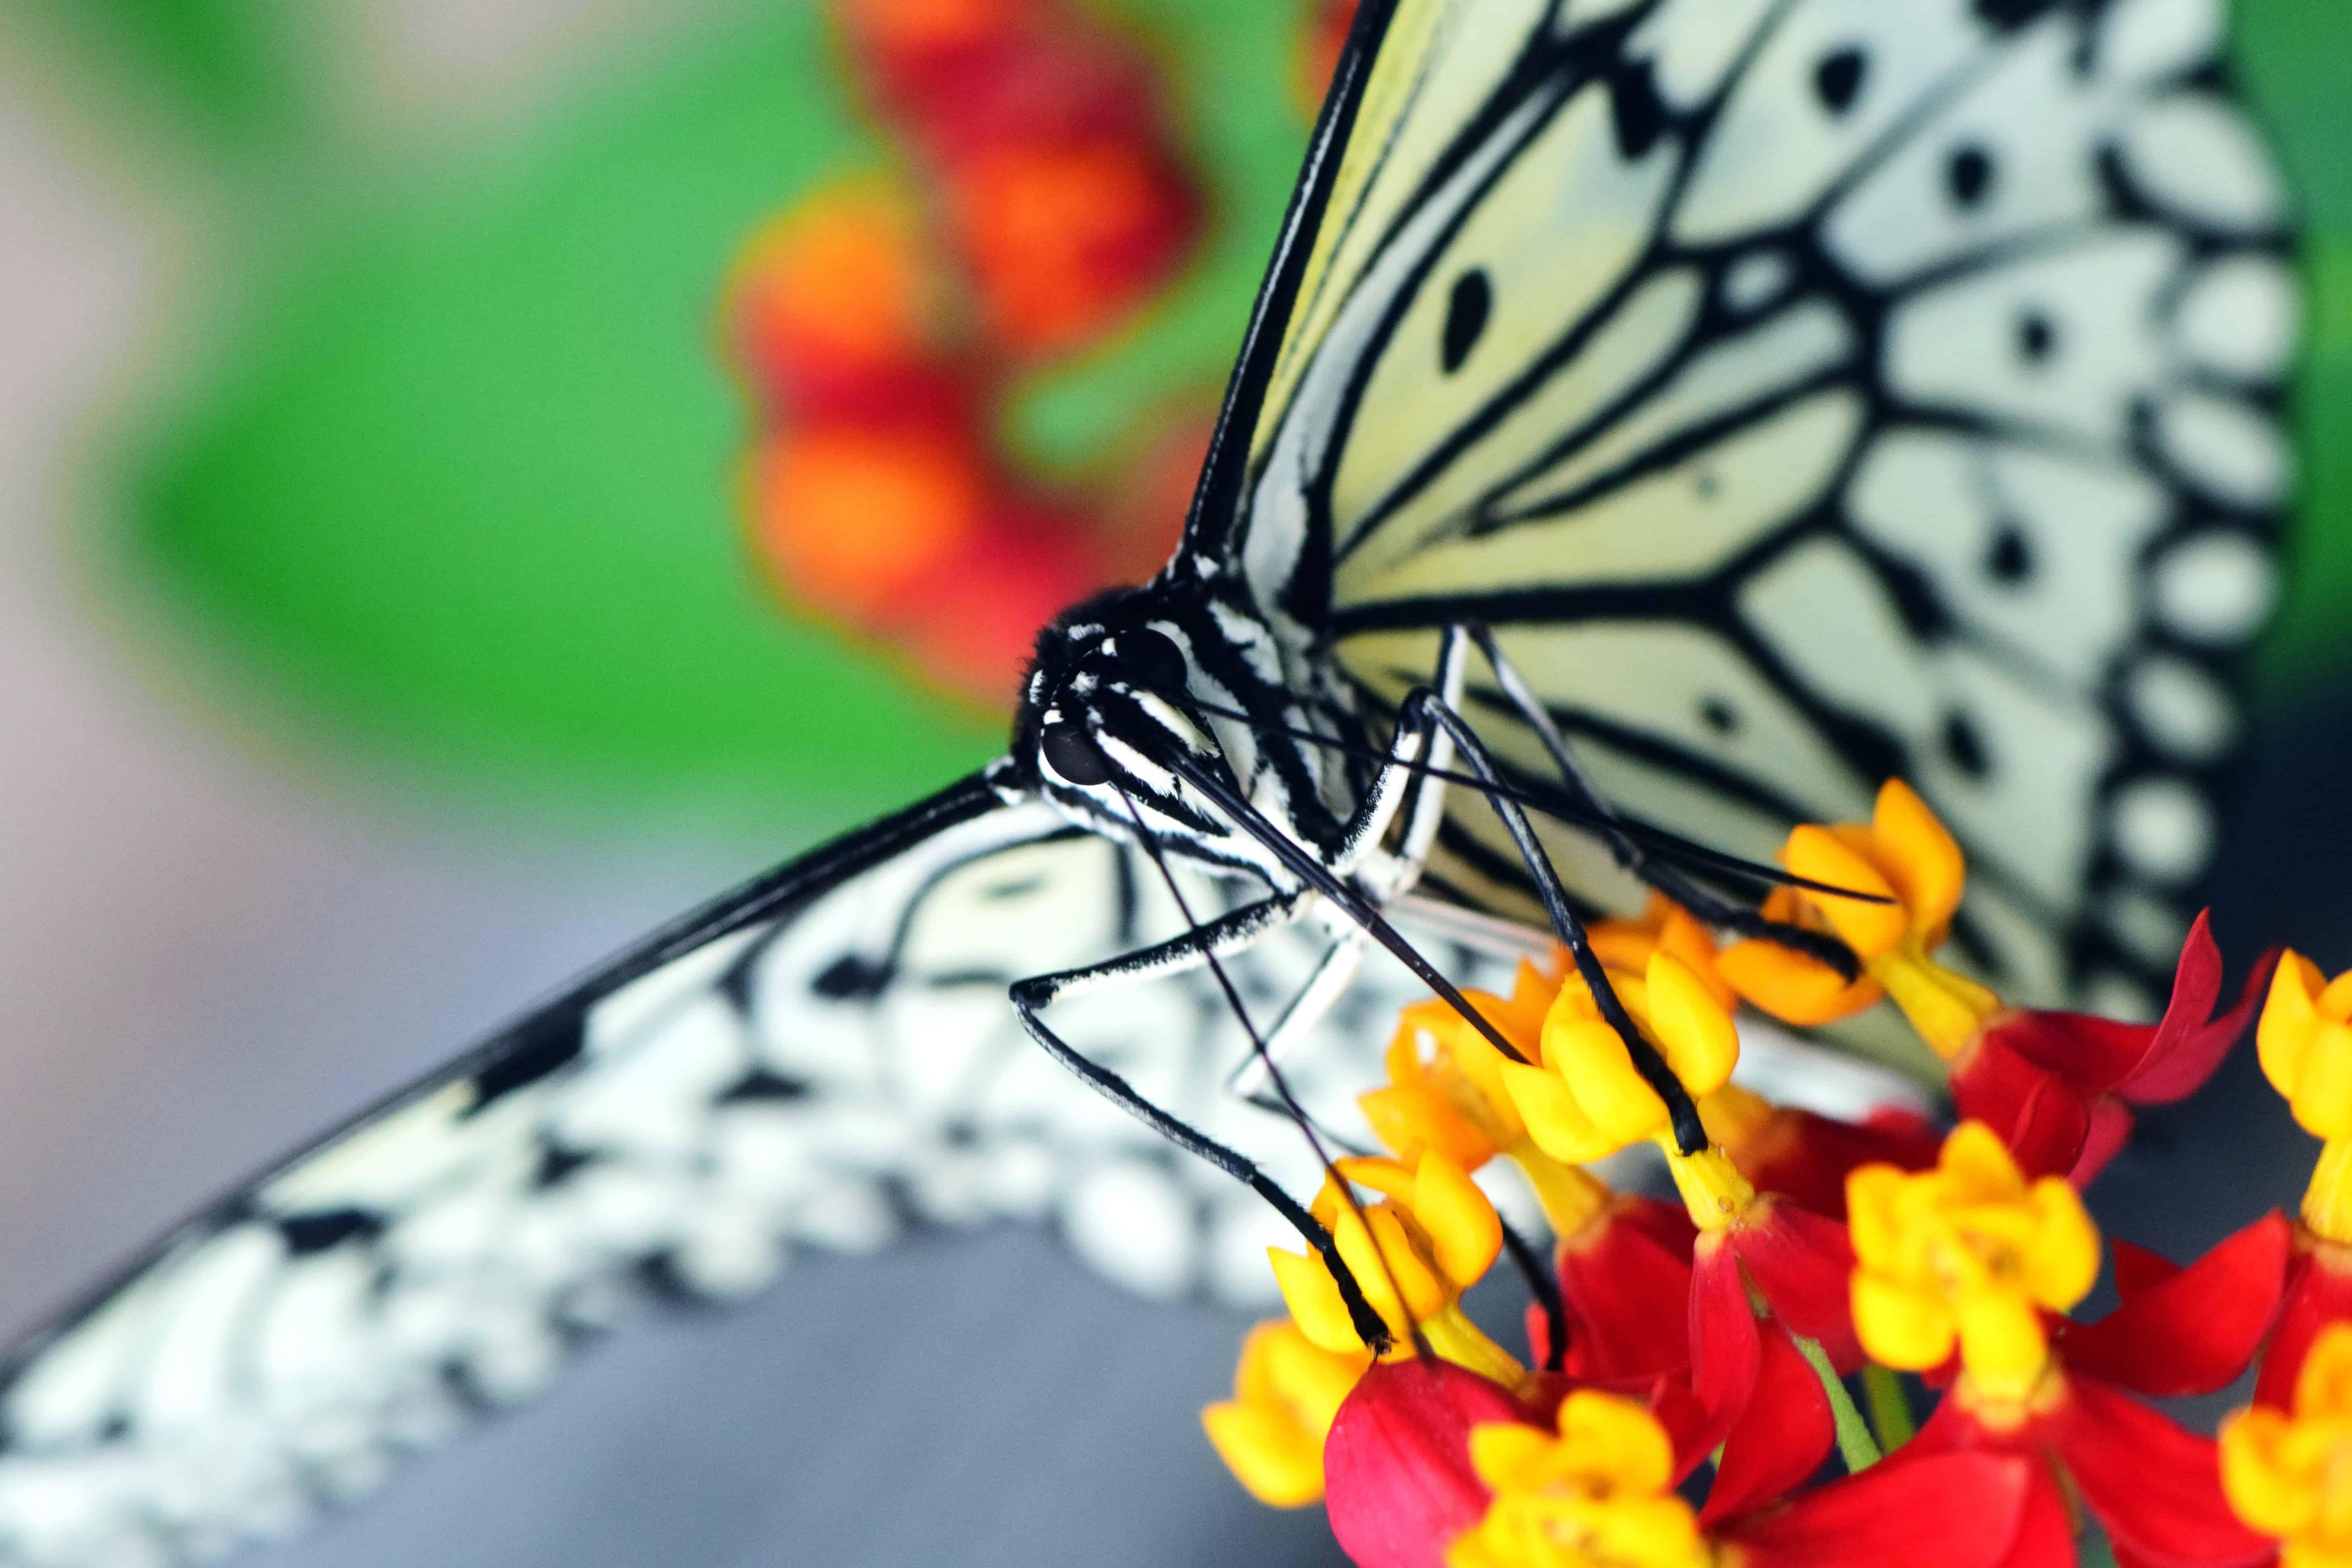 Image libre nature color animaux fleurs t insecte - Image papillon et fleur ...